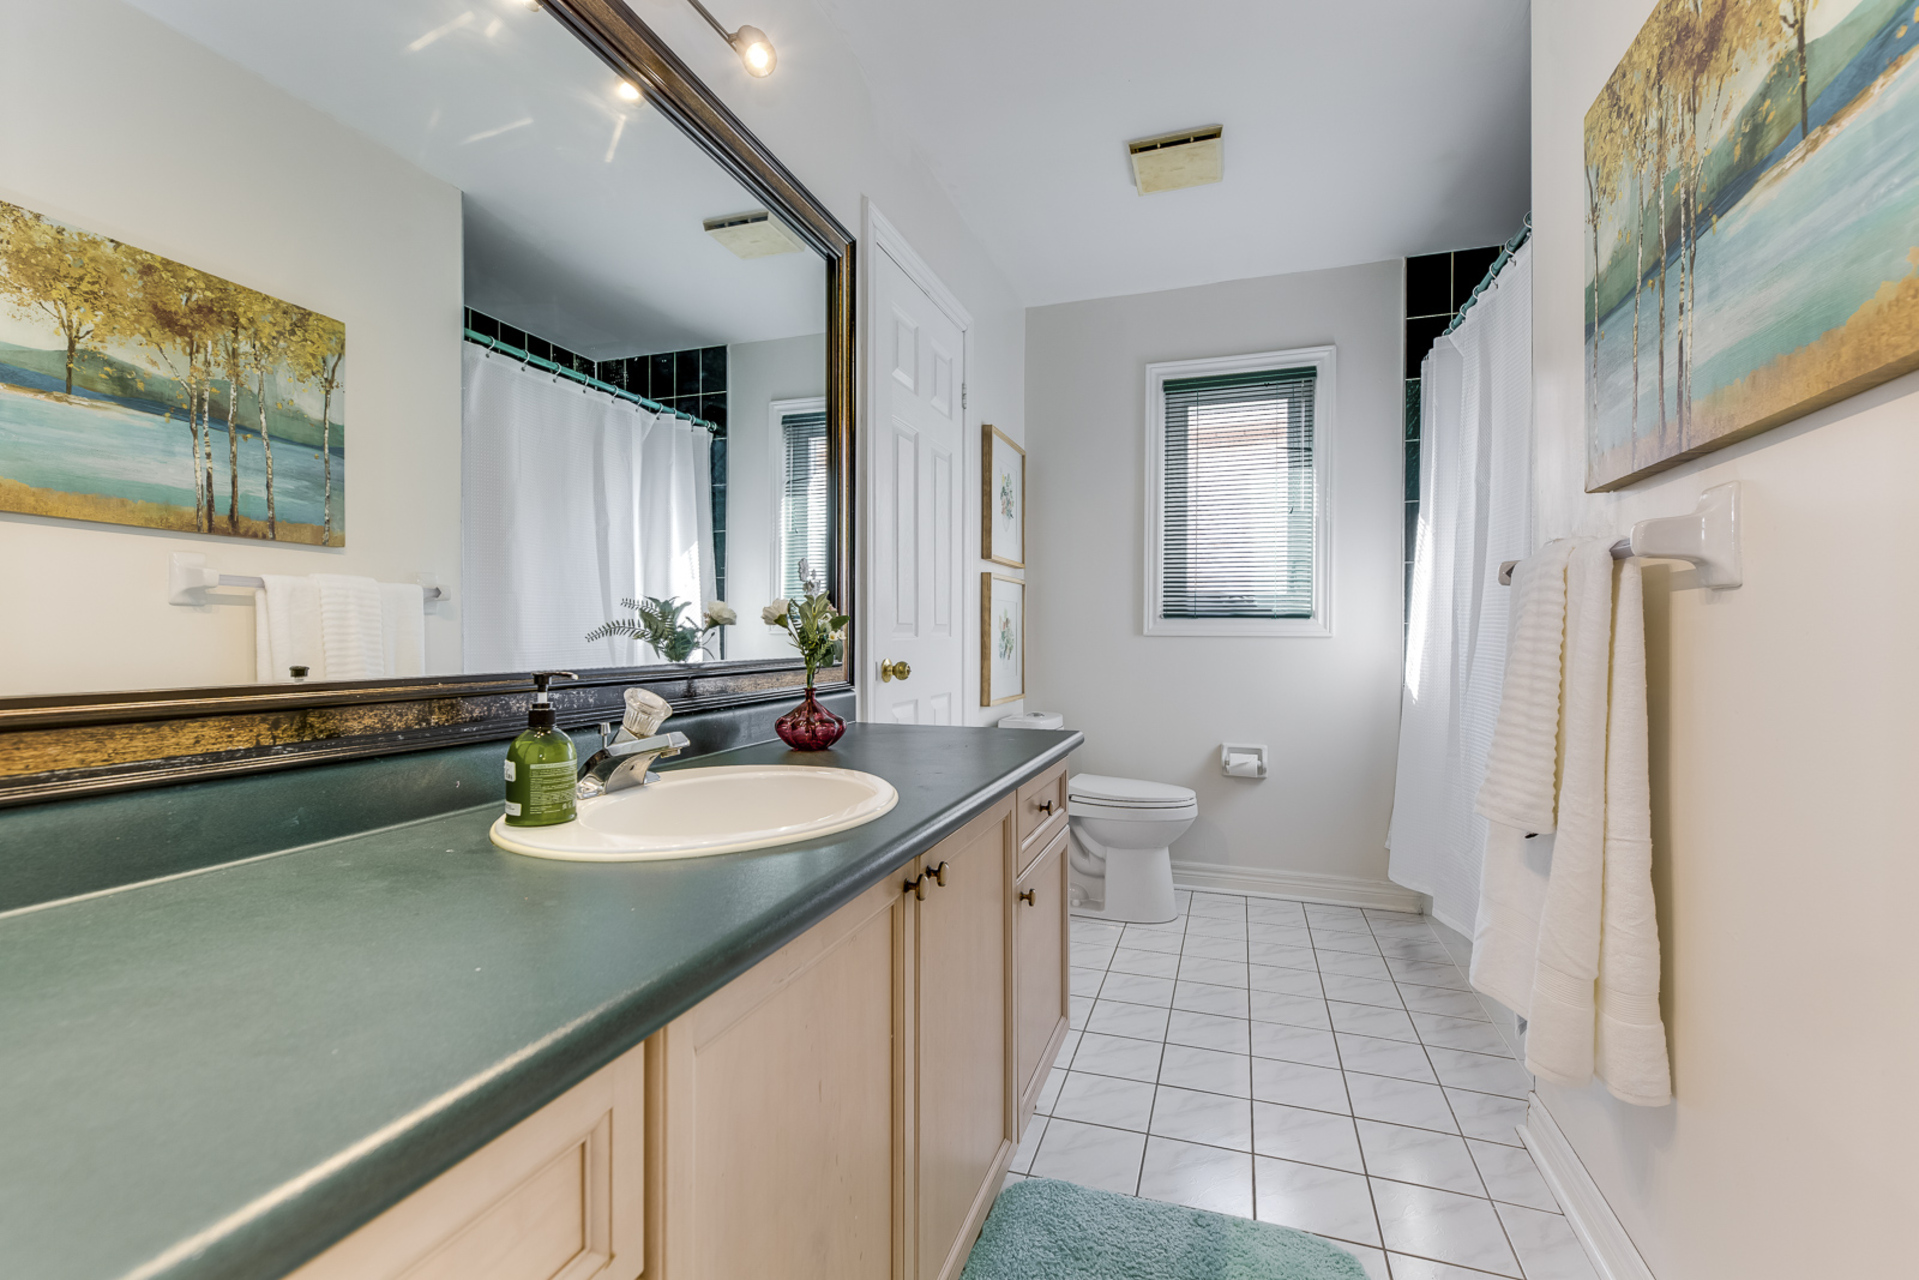 Main Bathroom - 1471 Creekwood Tr, Oakville - Elite3 & Team at 1471 Creekwood Trail, Iroquois Ridge North, Oakville